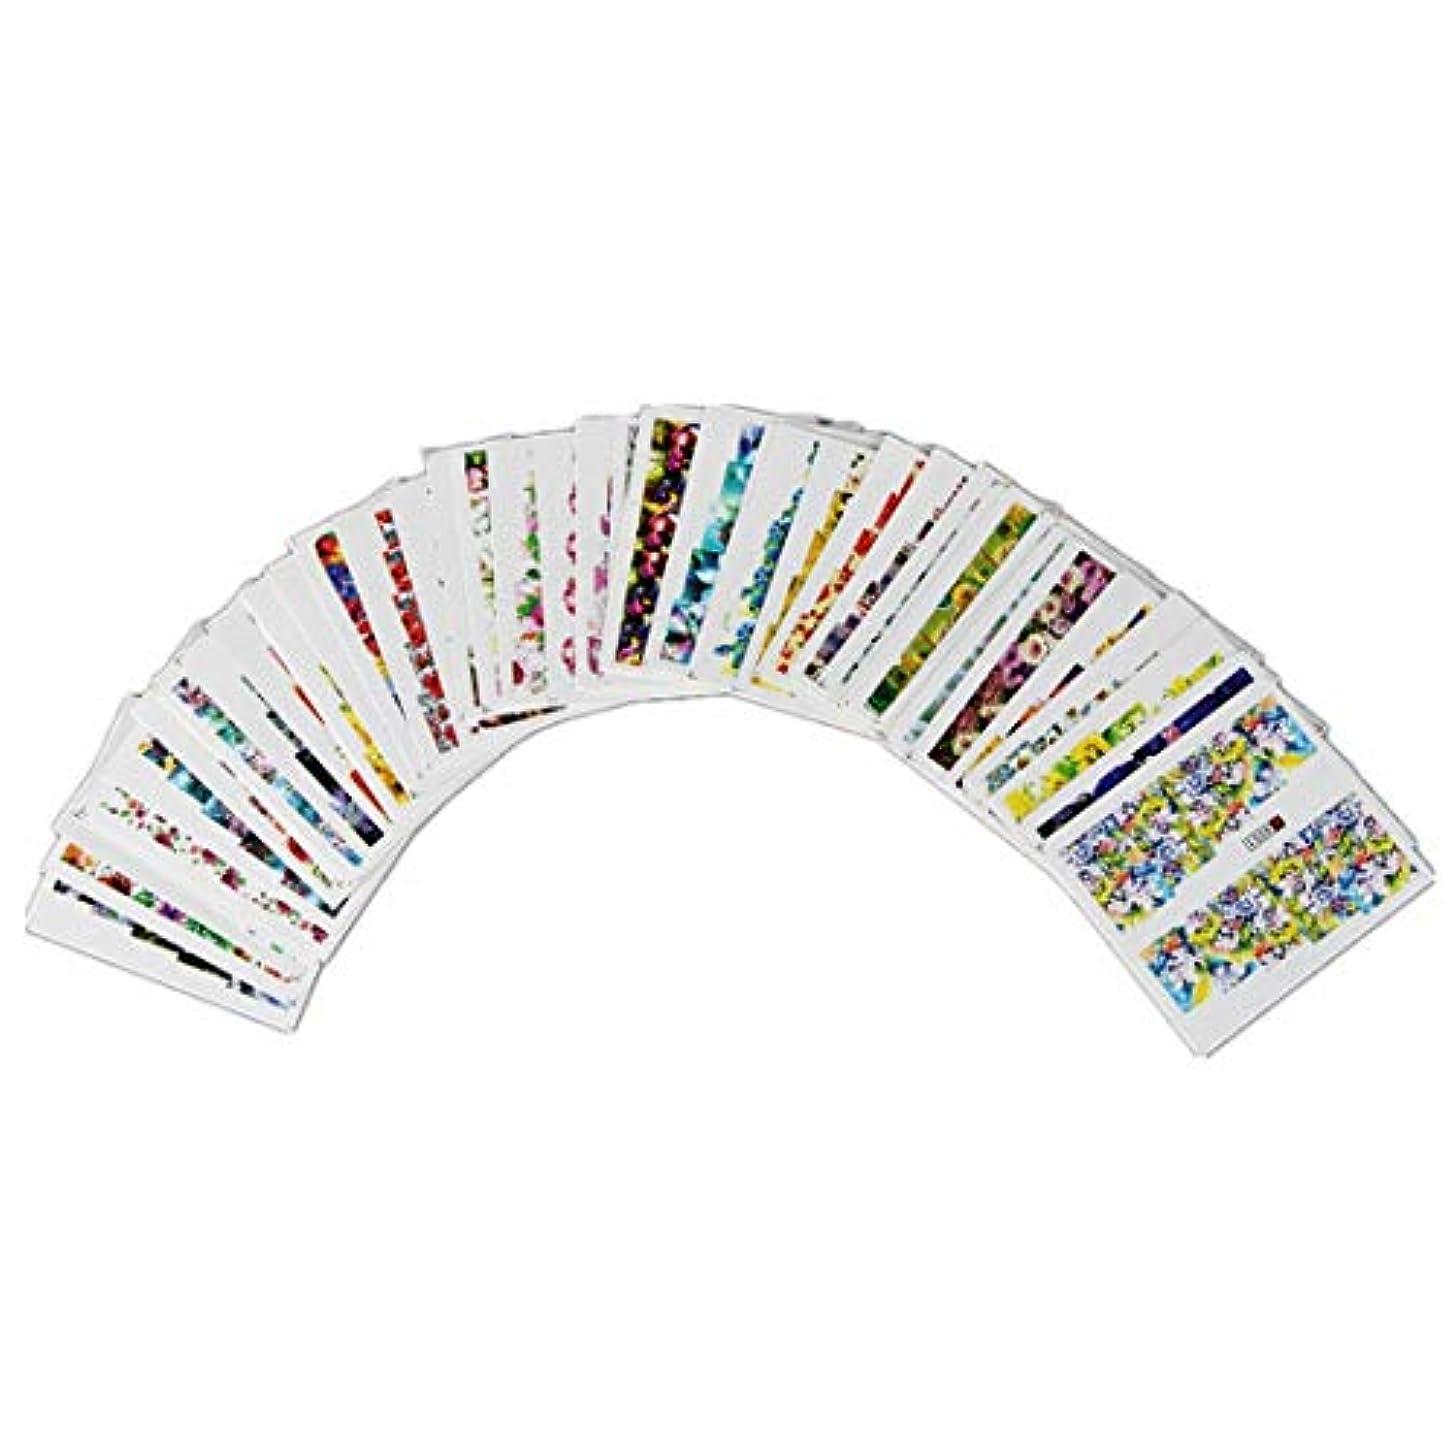 カロリーしゃがむ誤解ALEXBIAN 50枚ネイルステッカー盛り合わせパターン水転写花フラワーステッカーセット女性用爪の装飾ネイルデカールネイルアートアクセサリーマニキュアチャームヒント